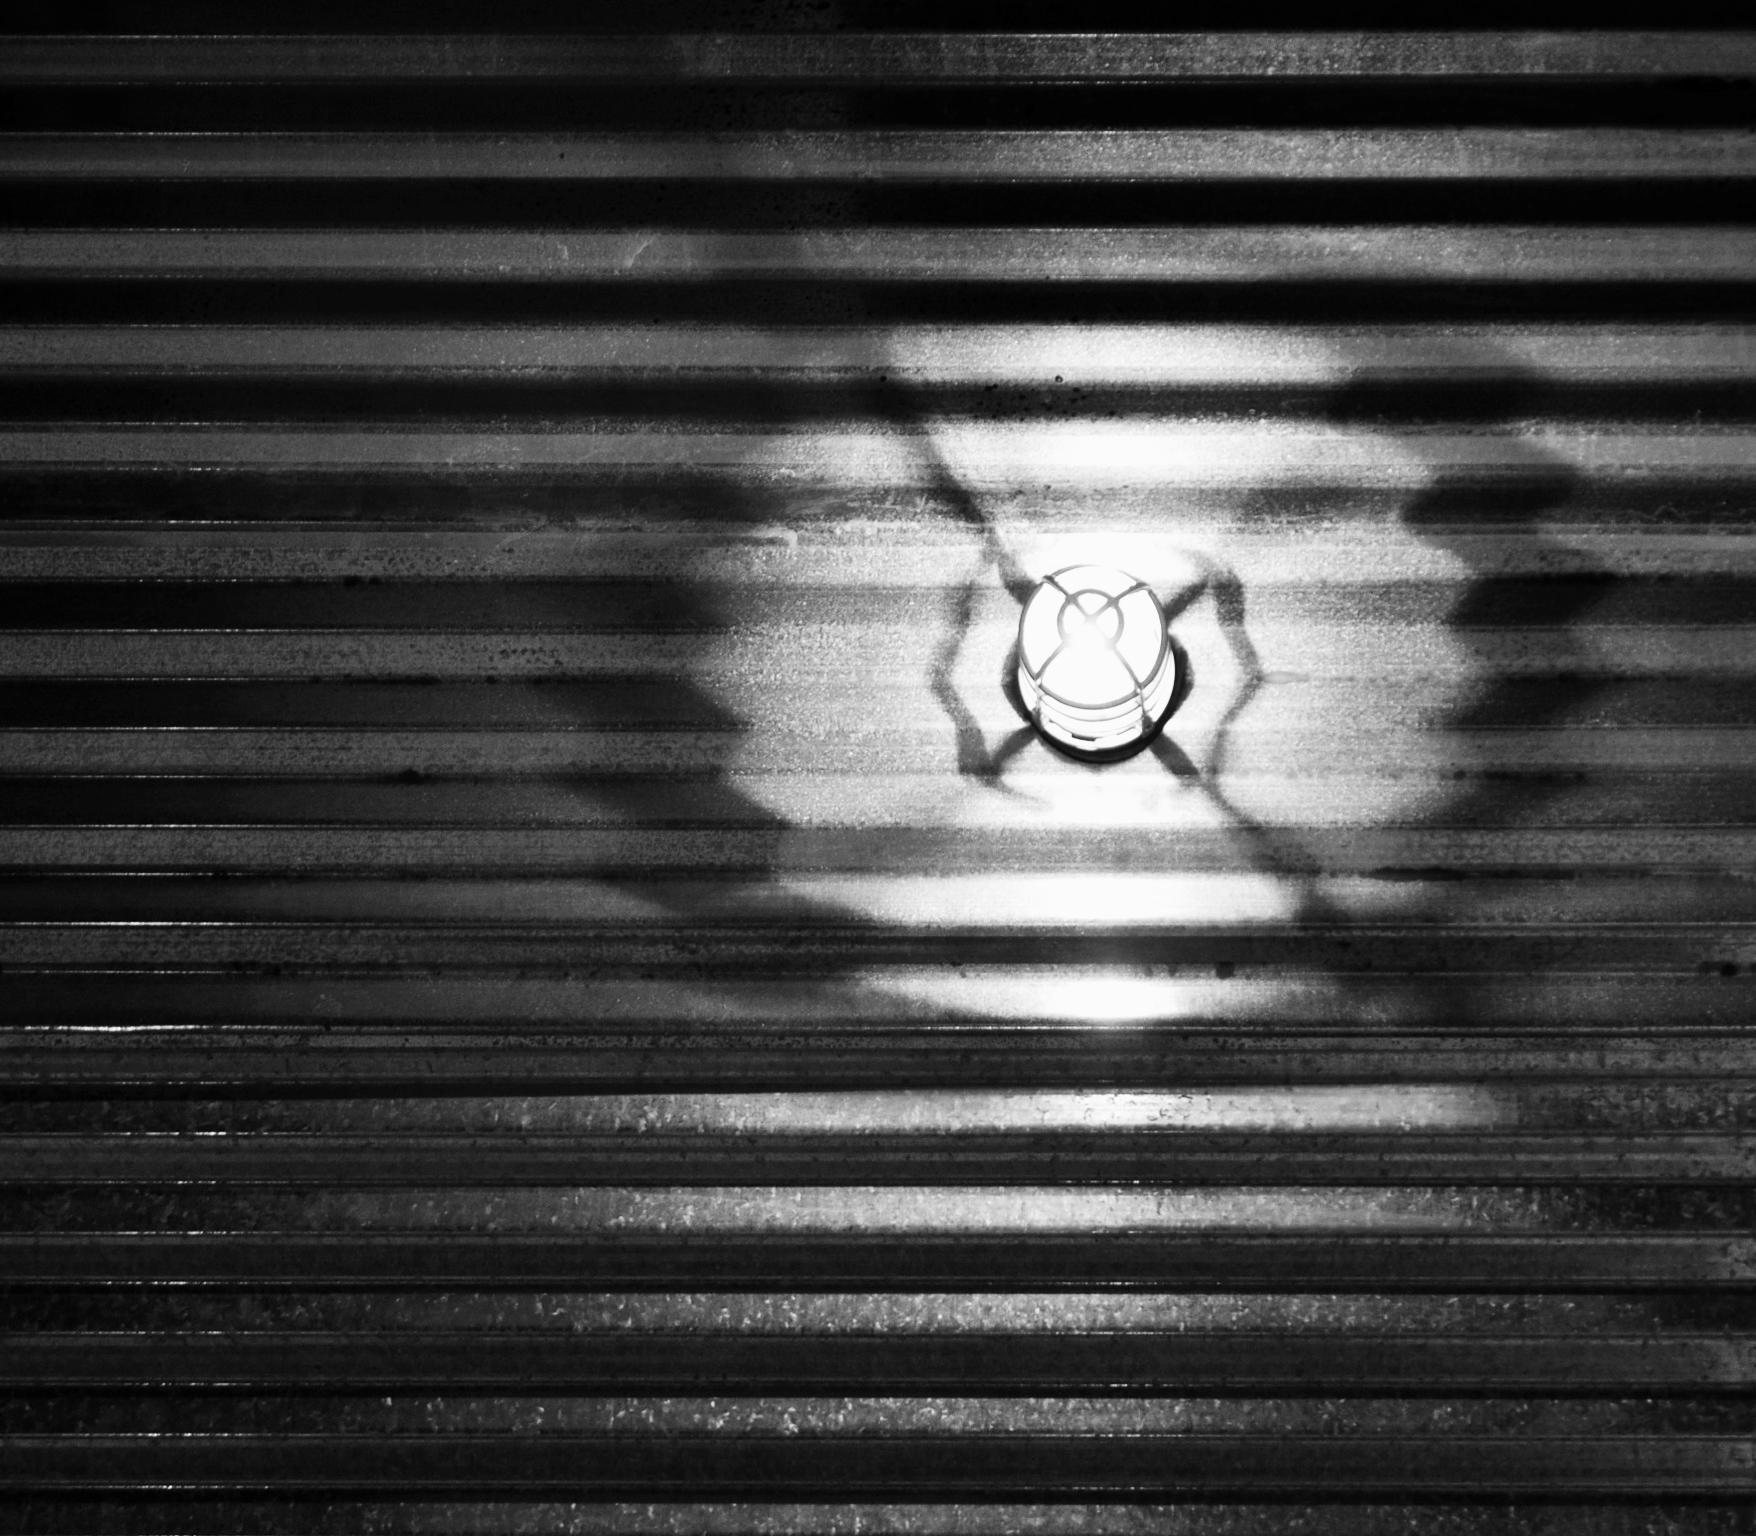 bw-light on corrugated metal detail.jpg